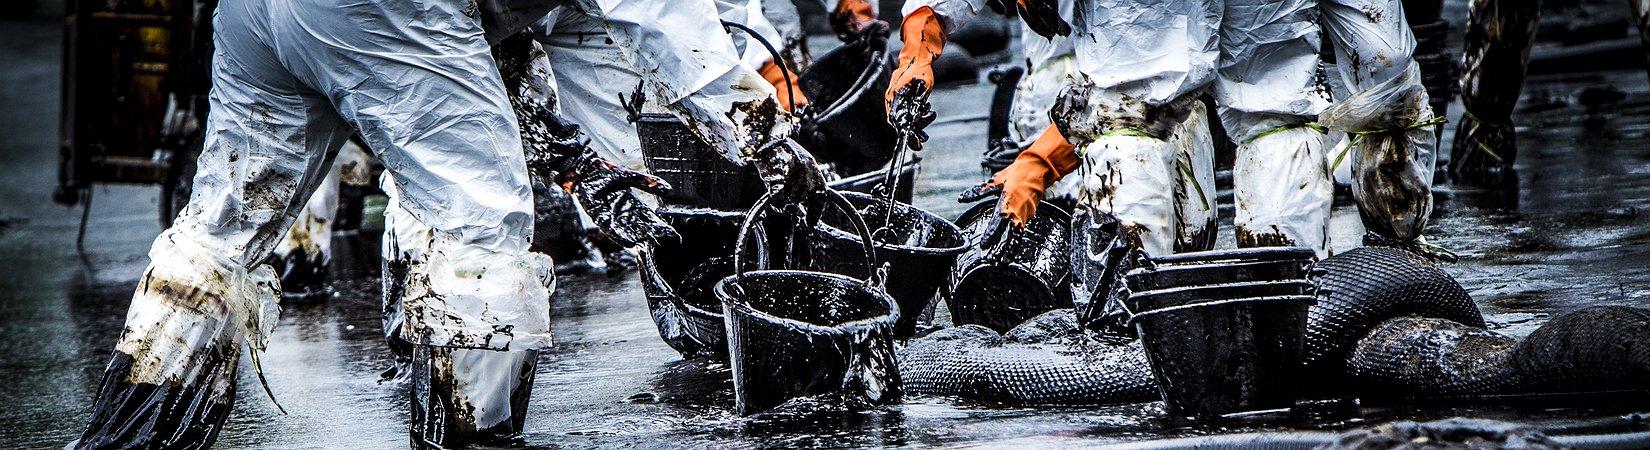 Cómo el precio de las acciones de las compañías petroleras depende de los precios del petróleo